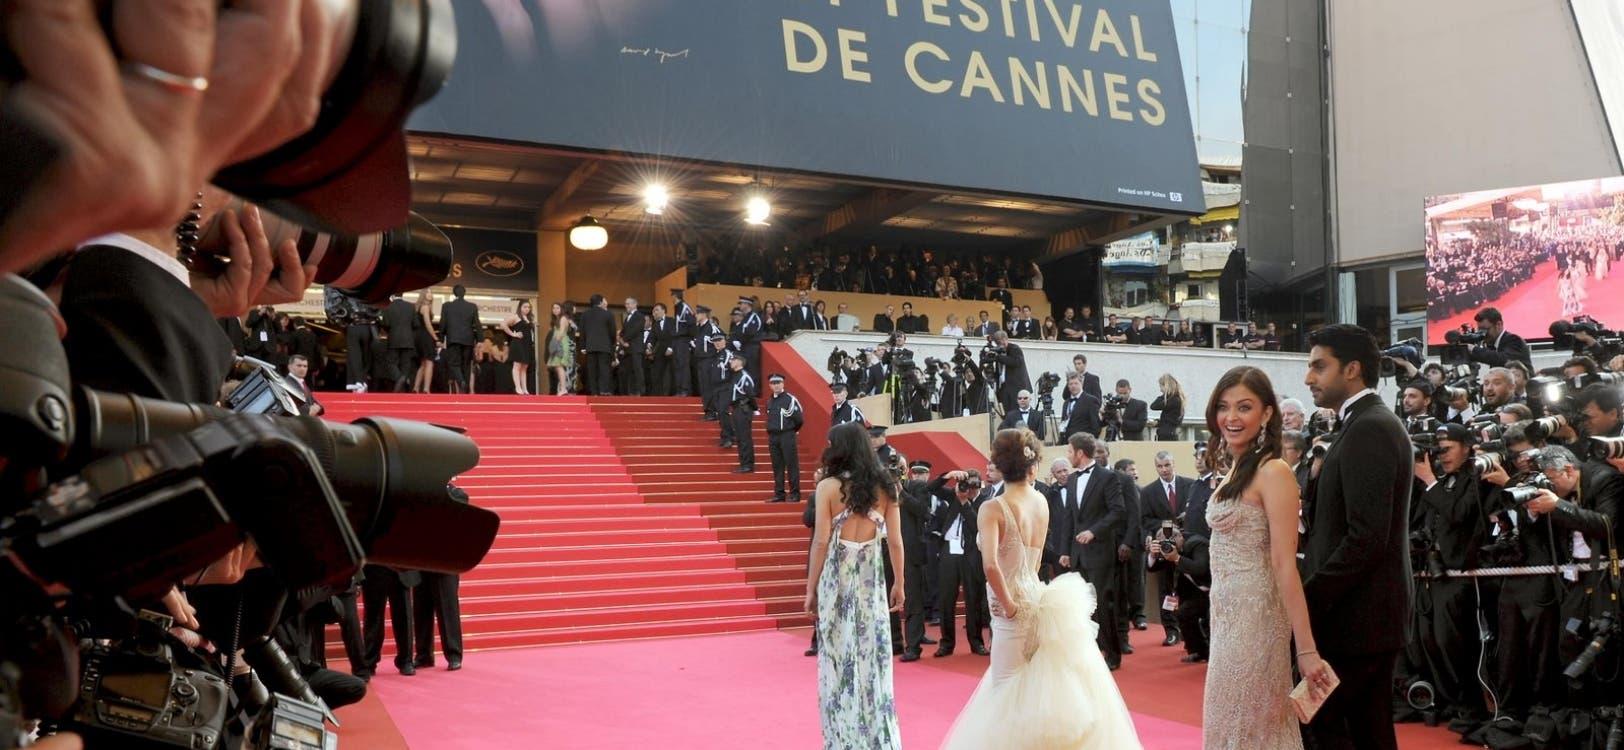 Cannes vuelve a ser por unos días el epicentro mundial de las series